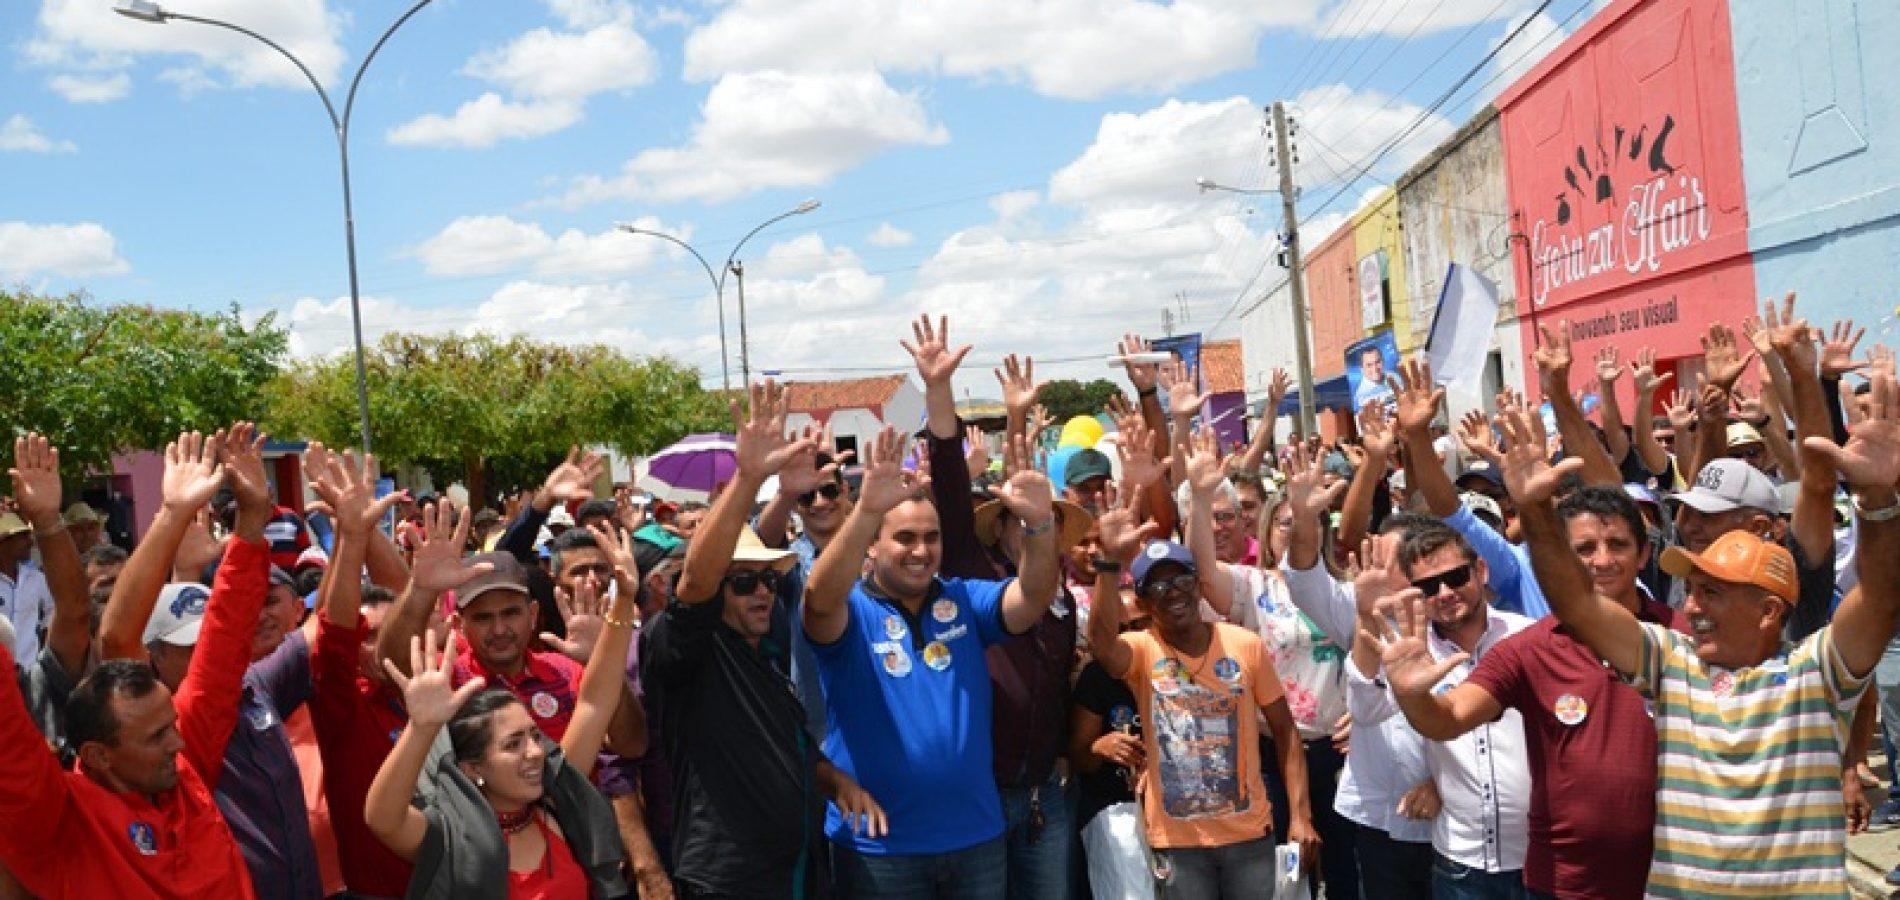 Acompanhado de centenas de pessoas e novas adesões políticas, prefeito de Padre Marcos recepciona deputado Georgiano Neto